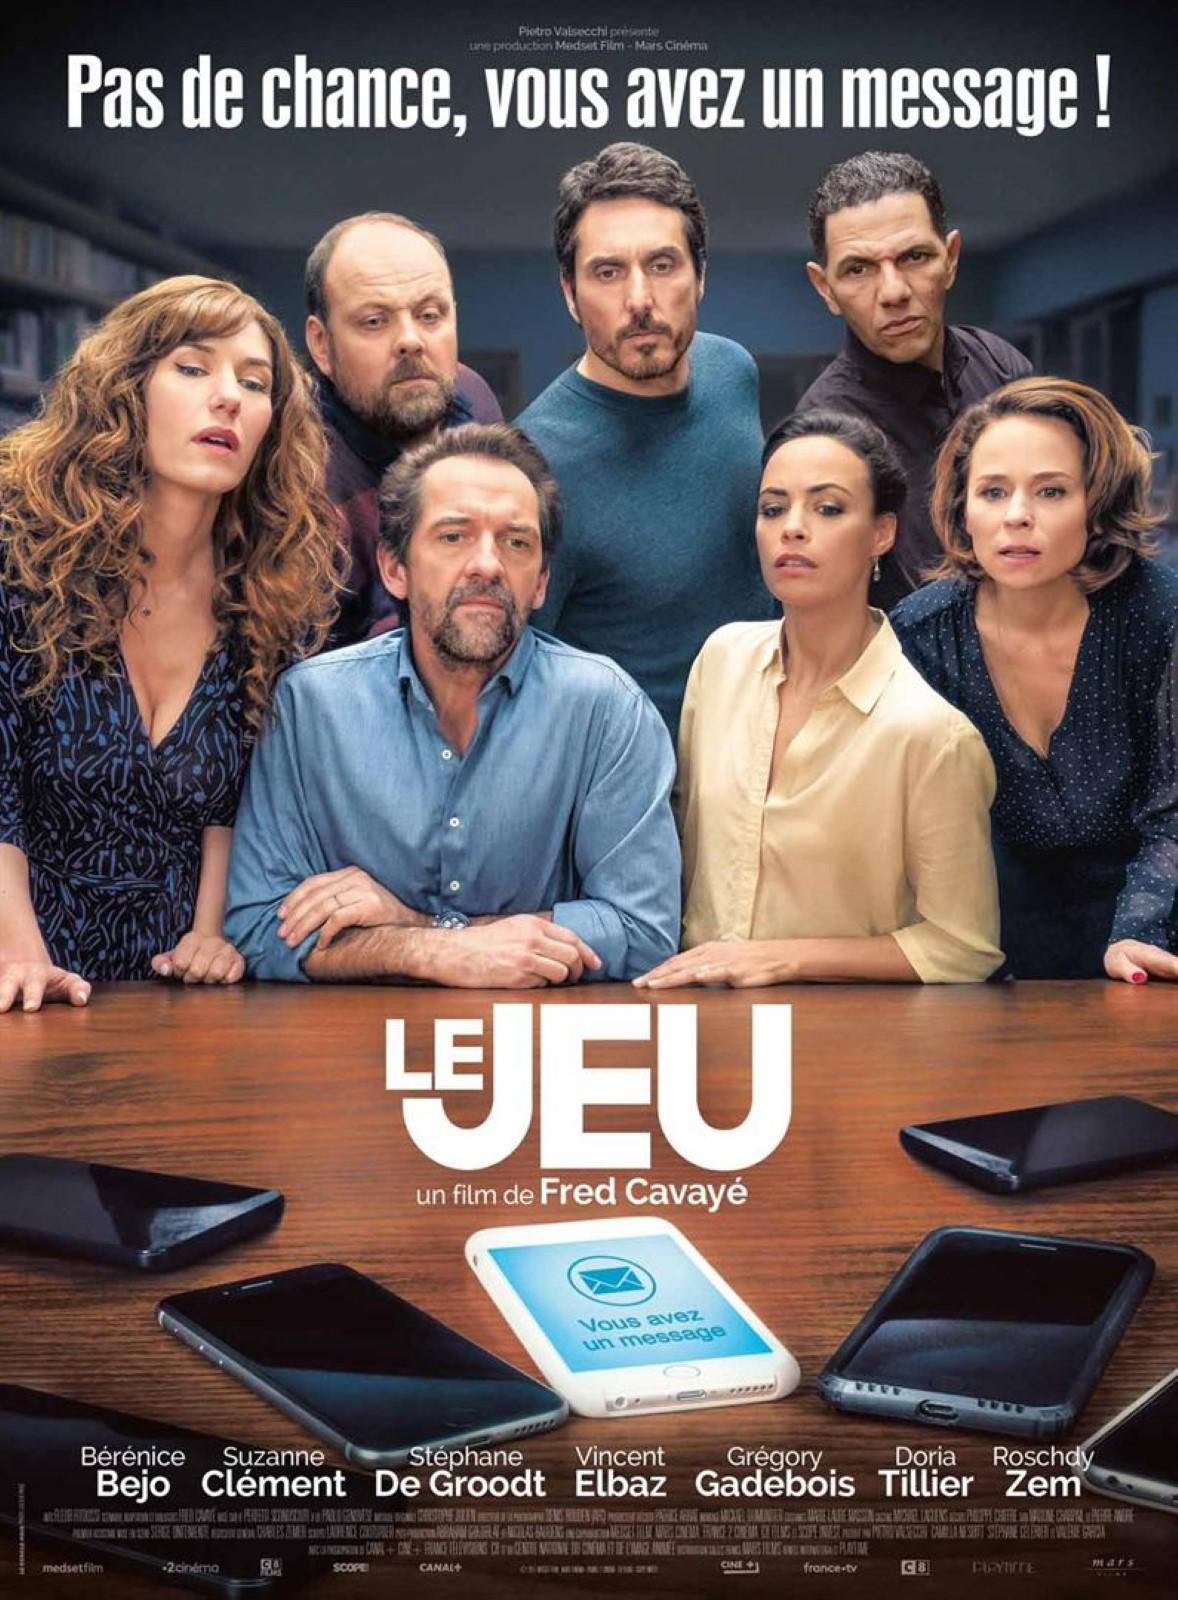 Le Film Le Jeu : Achat, AlloCiné